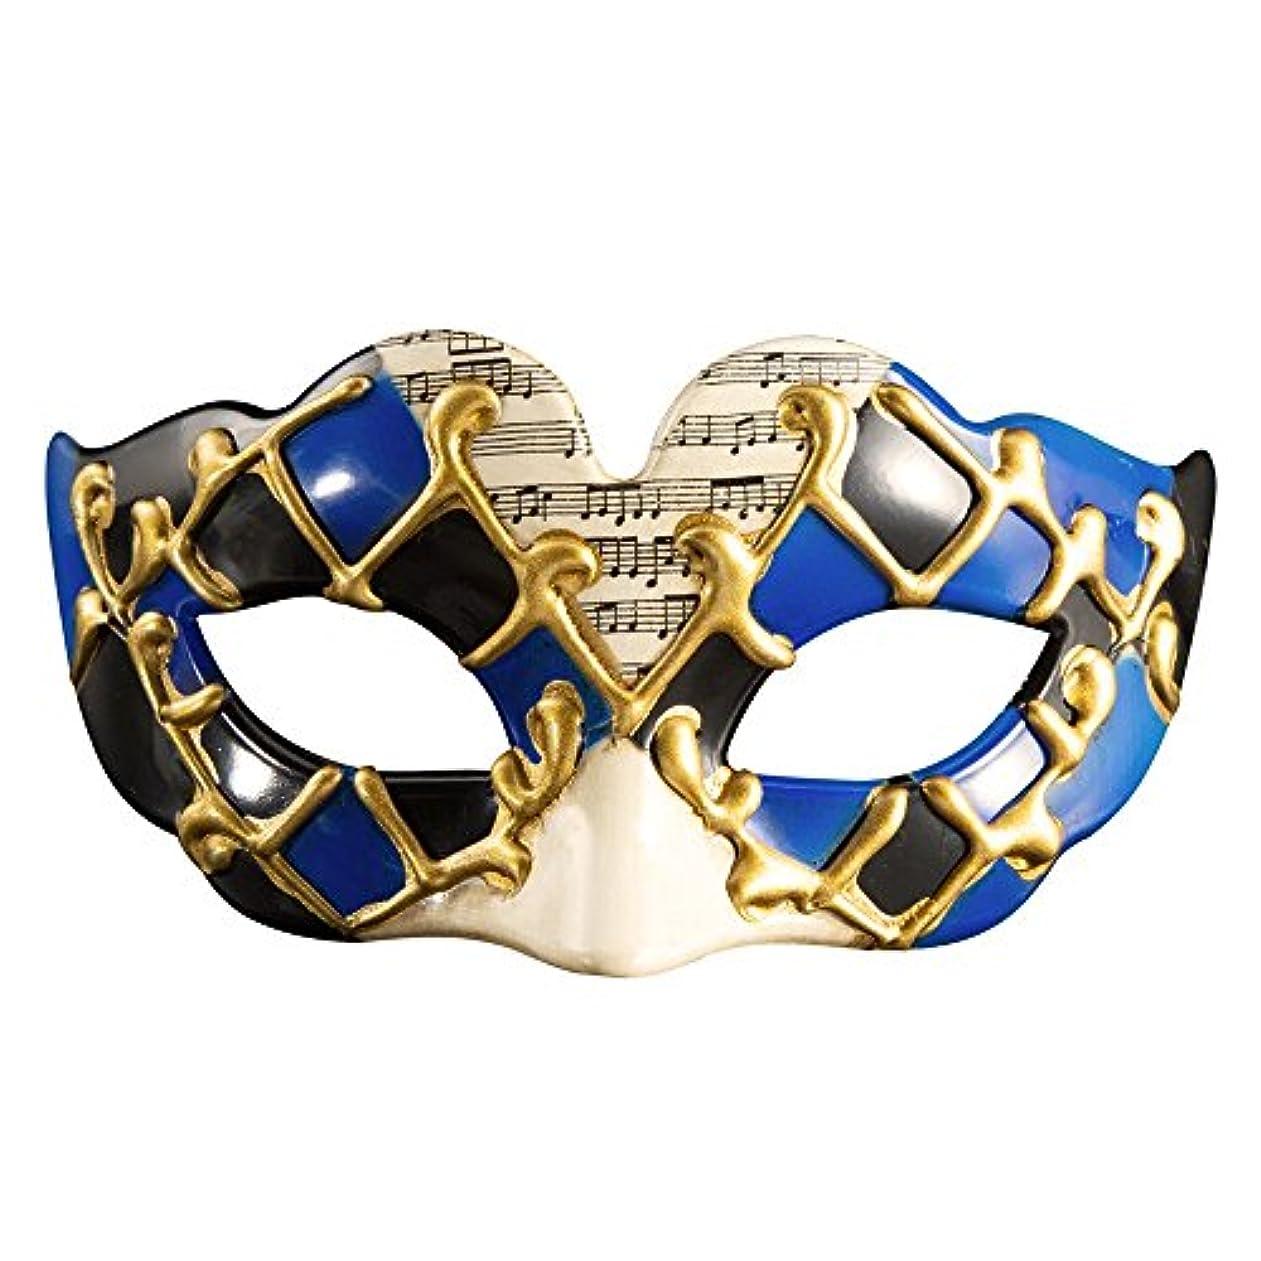 コレクション受益者パラメータクリエイティブ子供の半分の顔ハロウィーンマスクパーティー新しいファンシードレスボールマスク (Color : A)